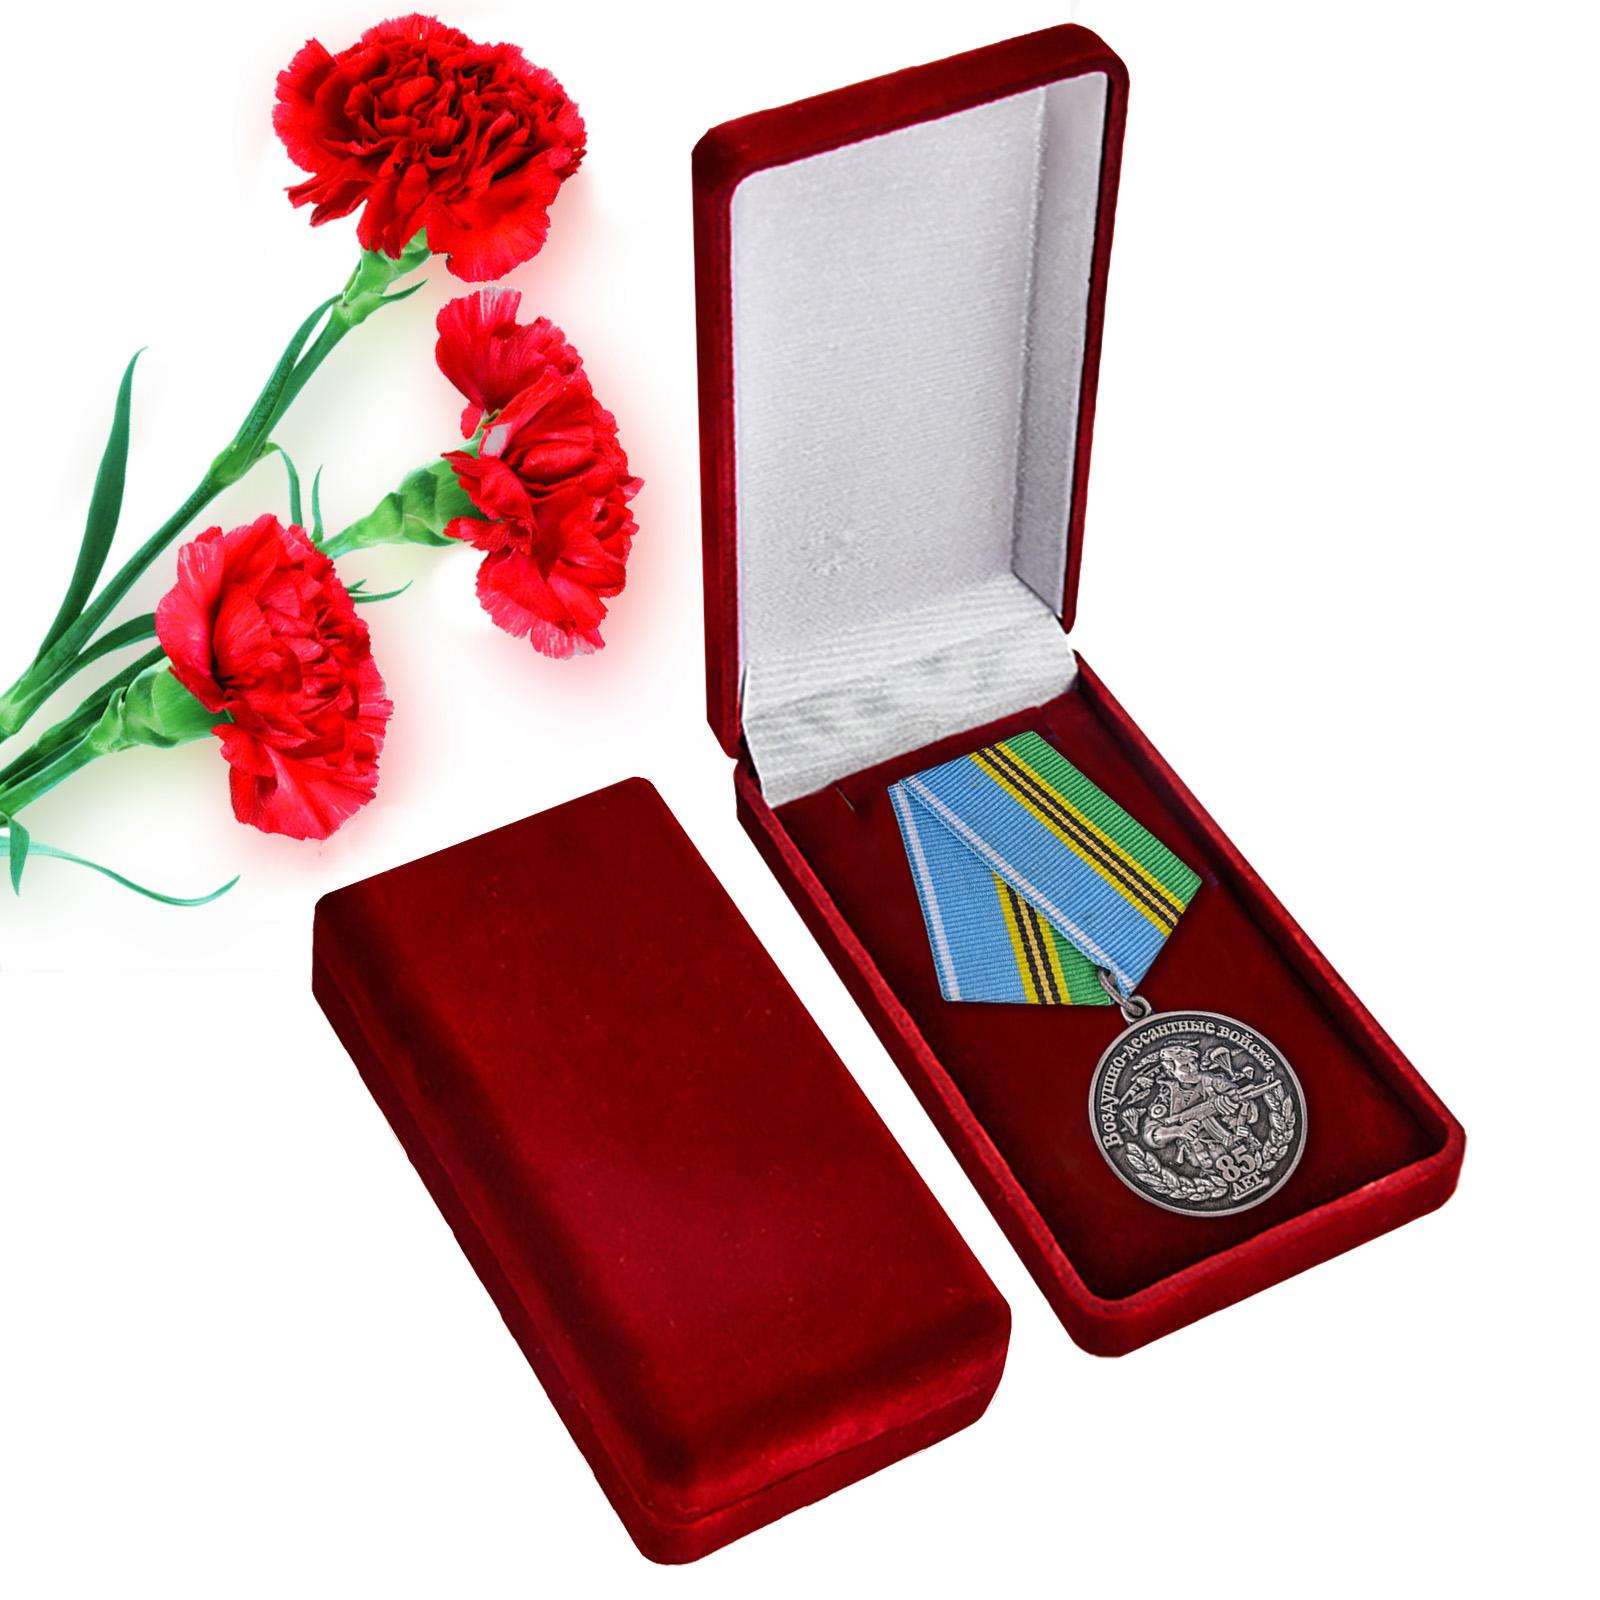 Медаль к 85-летию воздушного десанта в футляре